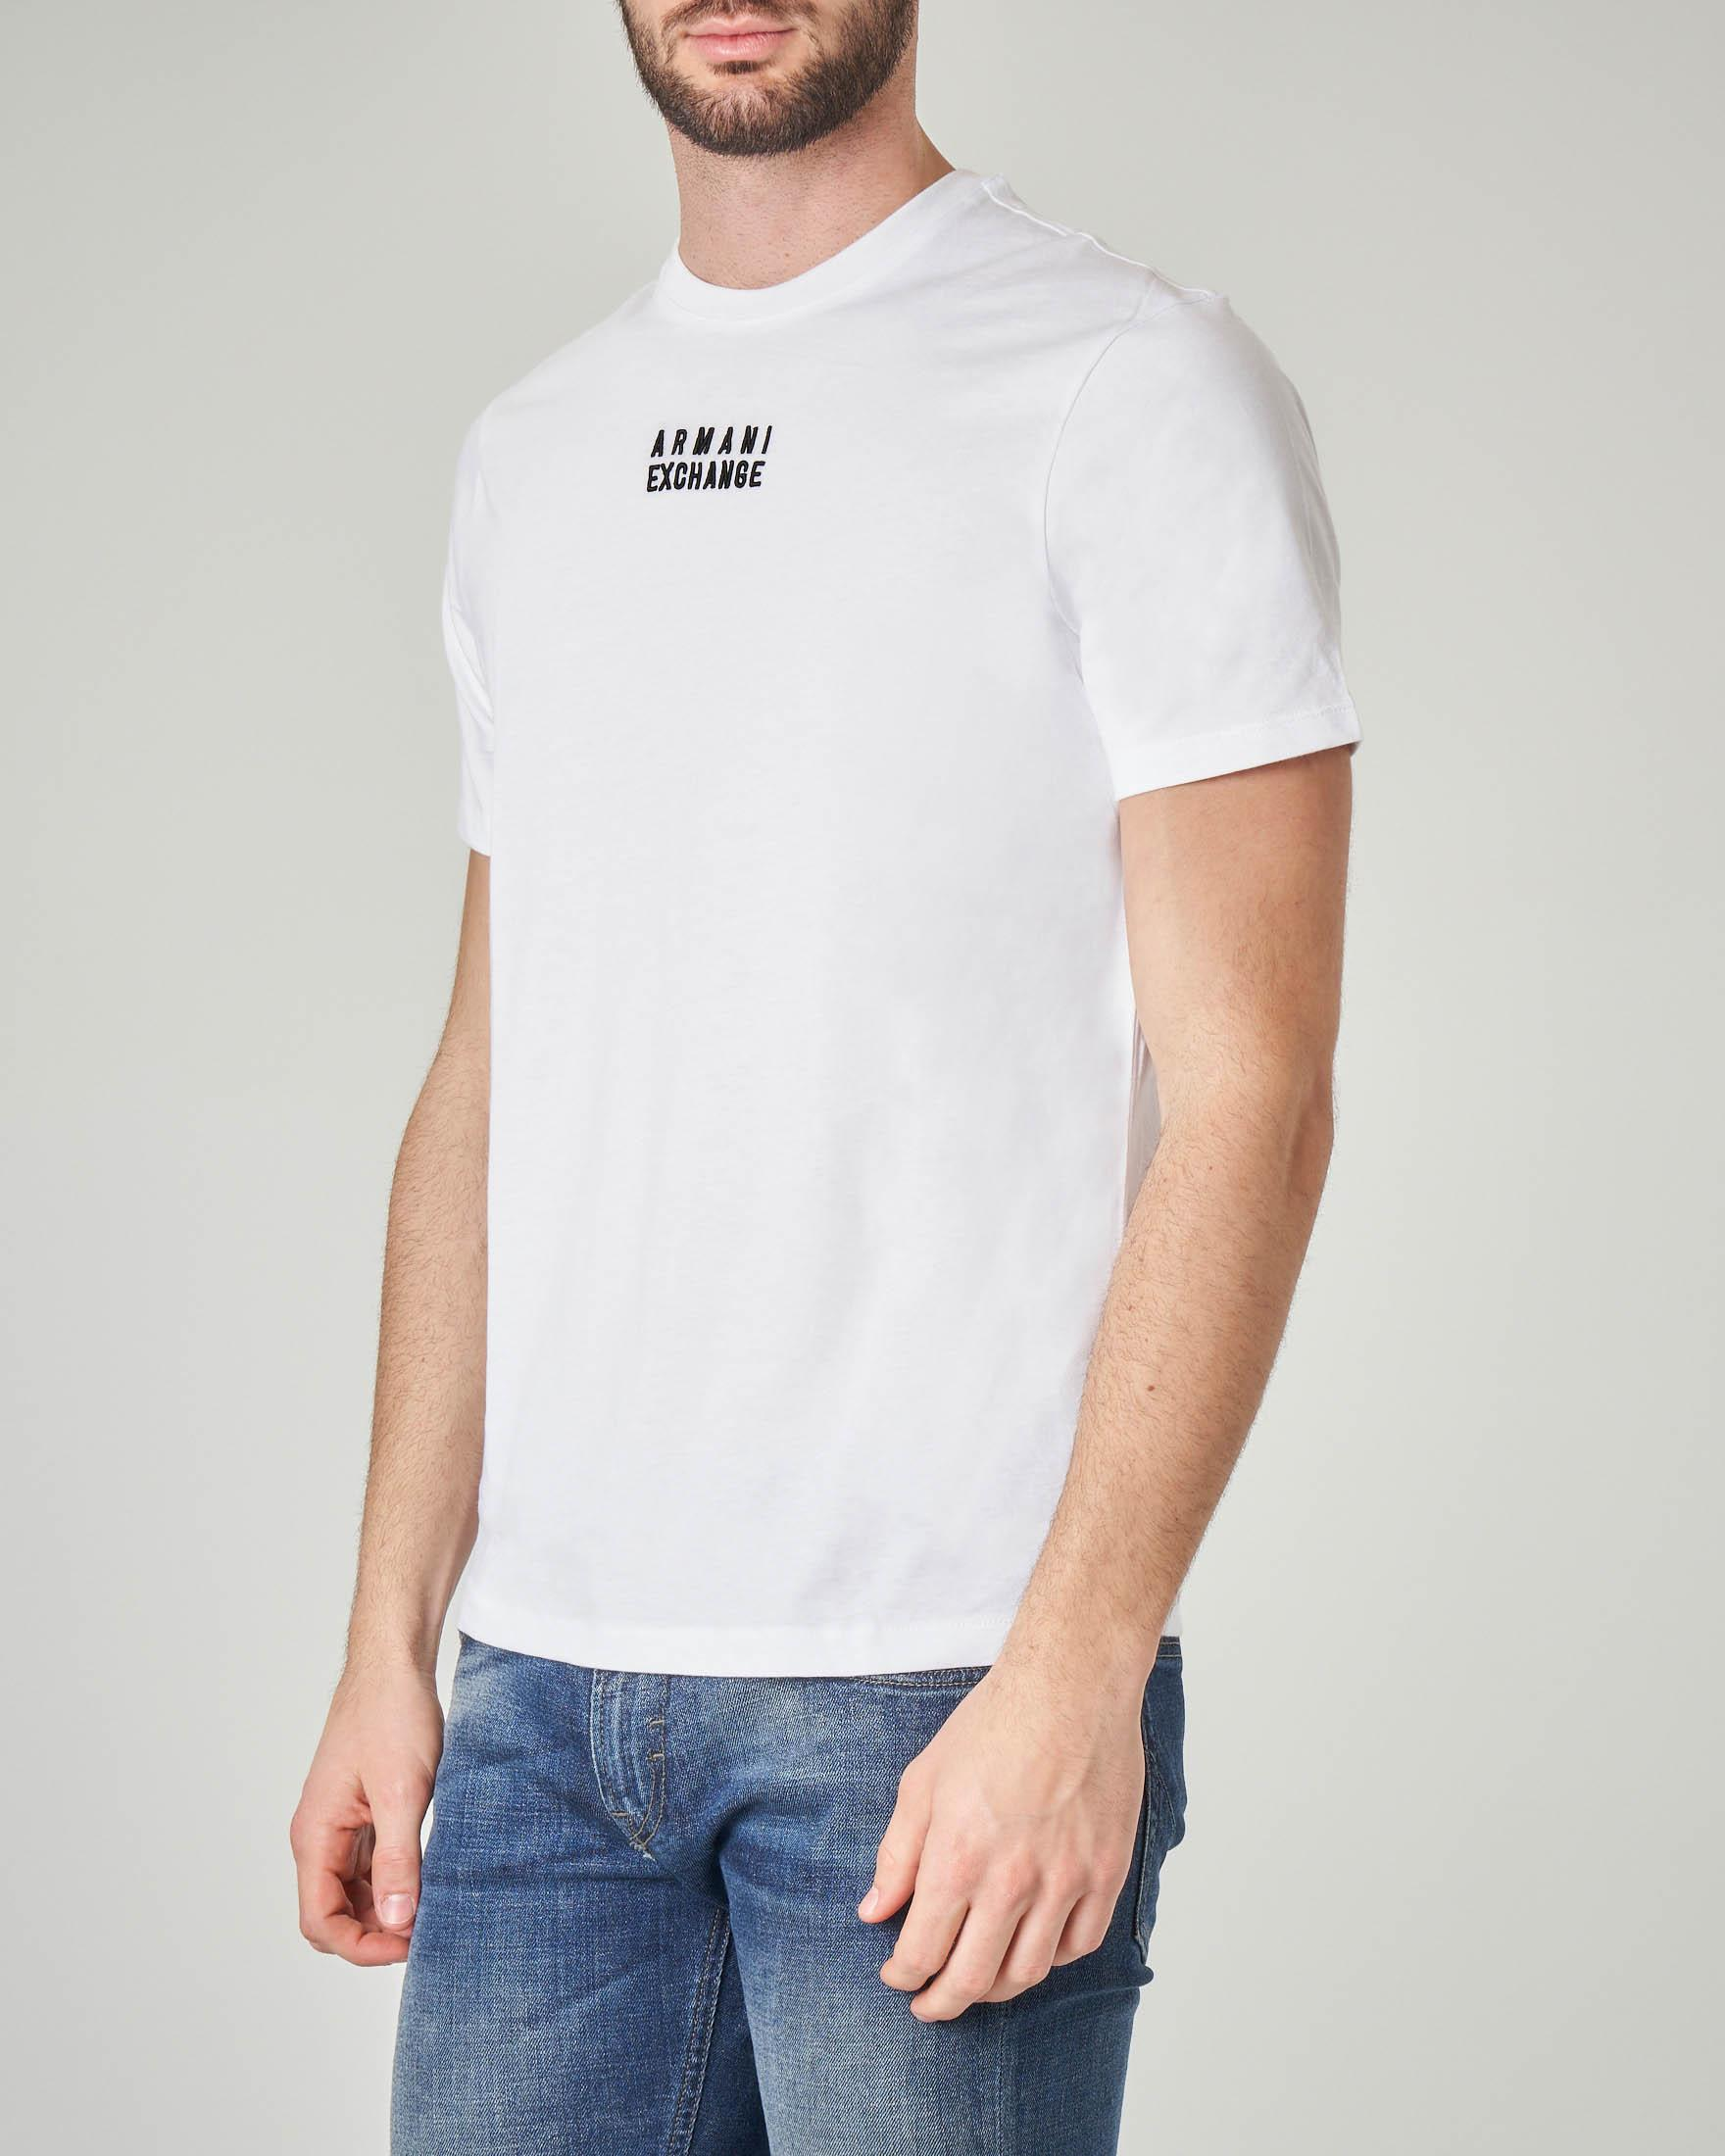 T-shirt bianca con logo piccolo ricamato davanti e stampa sul retro